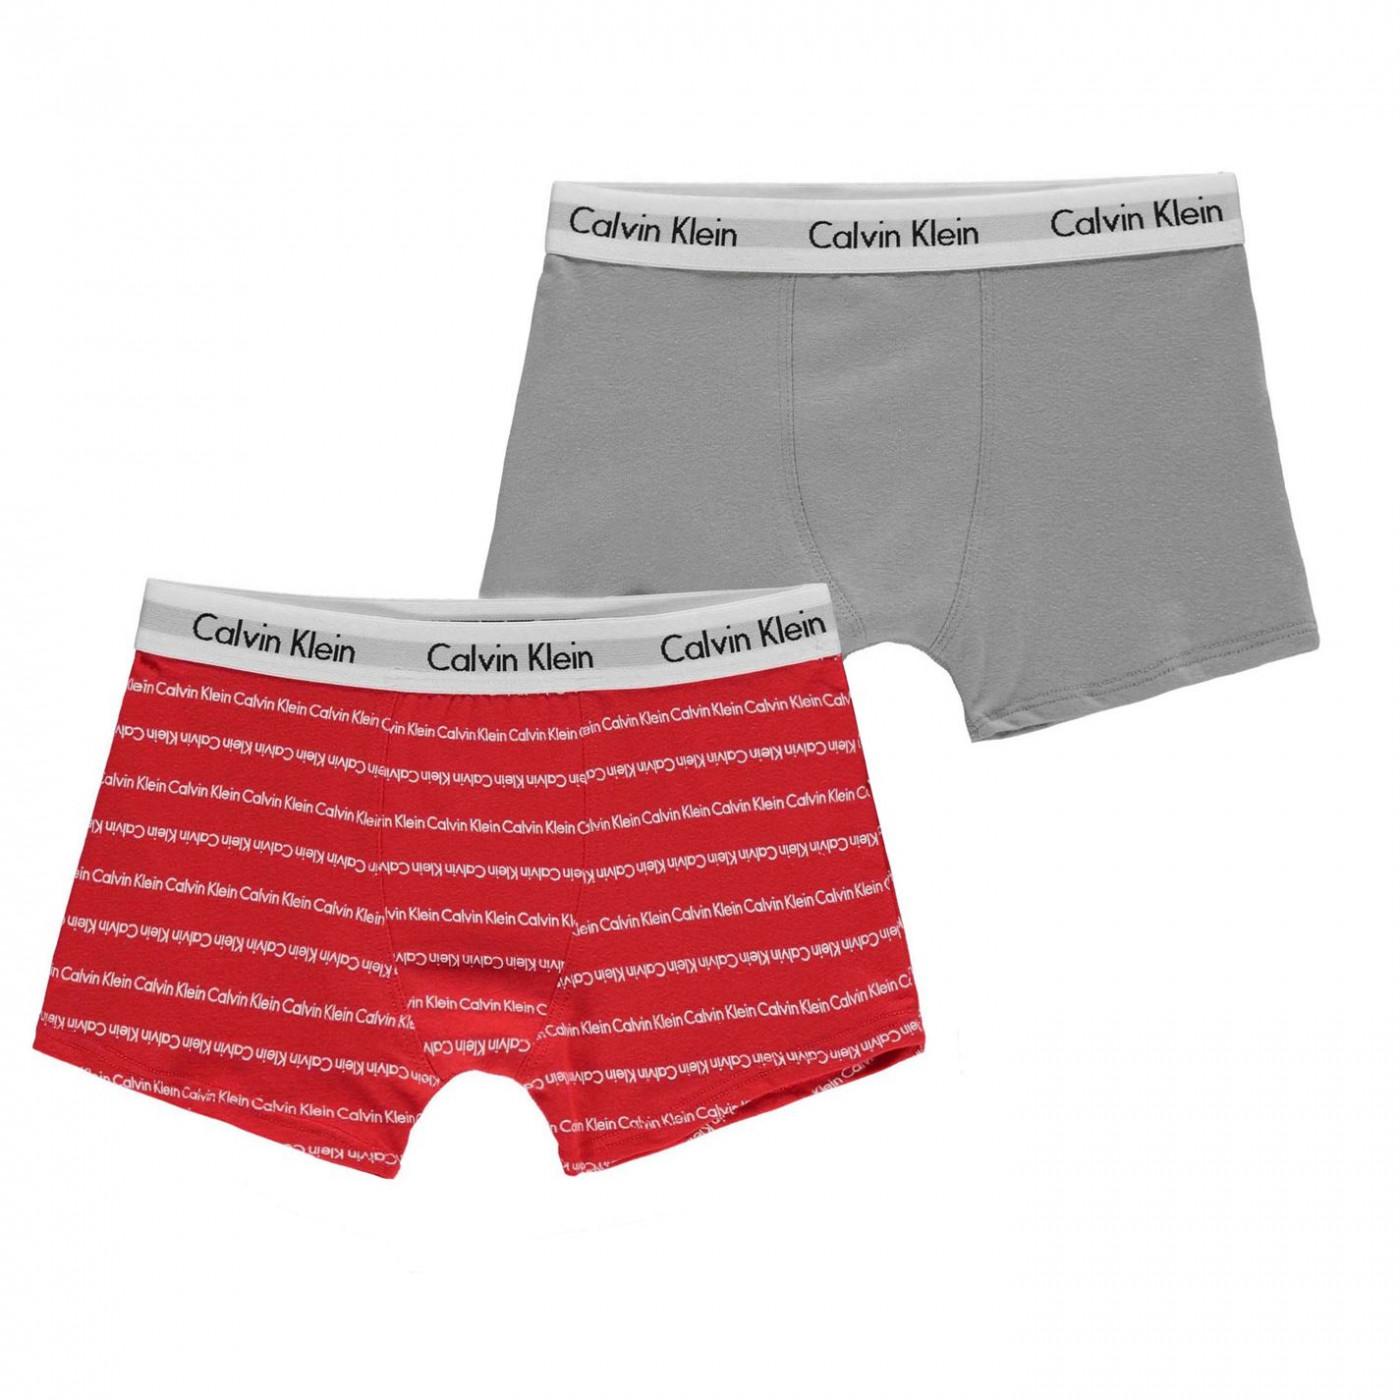 ee7ef11654 Calvin Klein 2 Pack Trunks - FACTCOOL